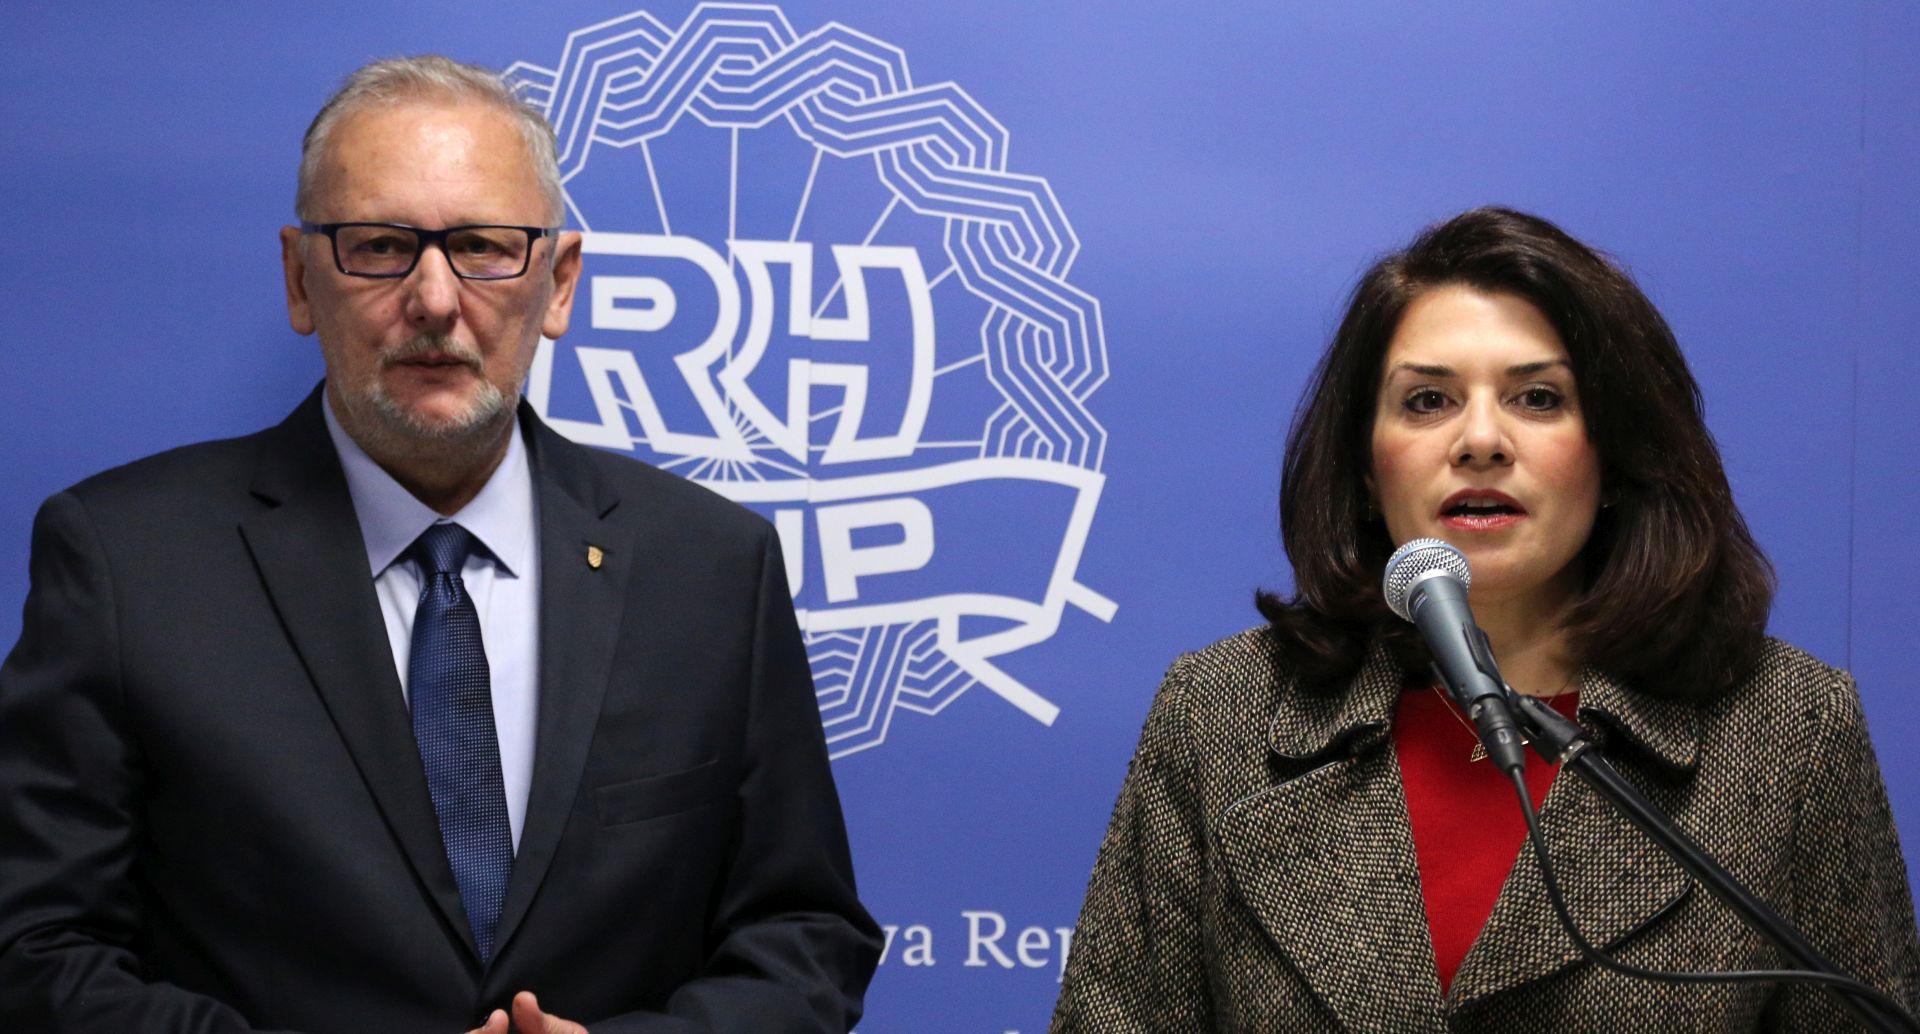 VALLS NOYES 'Dodatno ojačati suradnju na području vladavine prava i provedbe zakona'